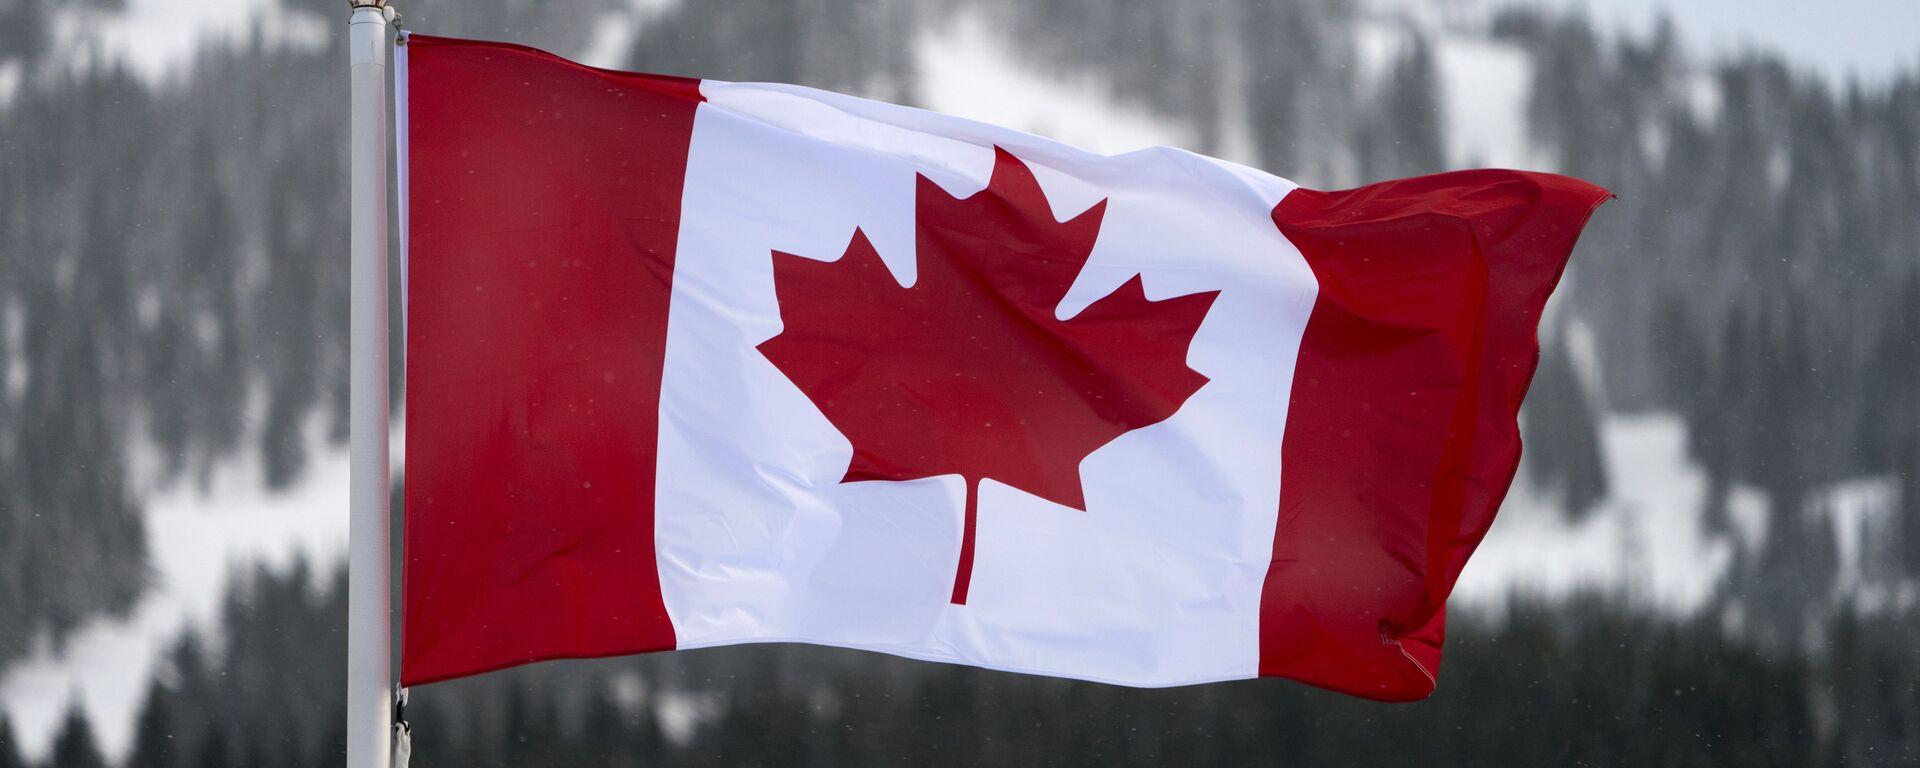 Kanada bayrağı - Sputnik Türkiye, 1920, 23.07.2021